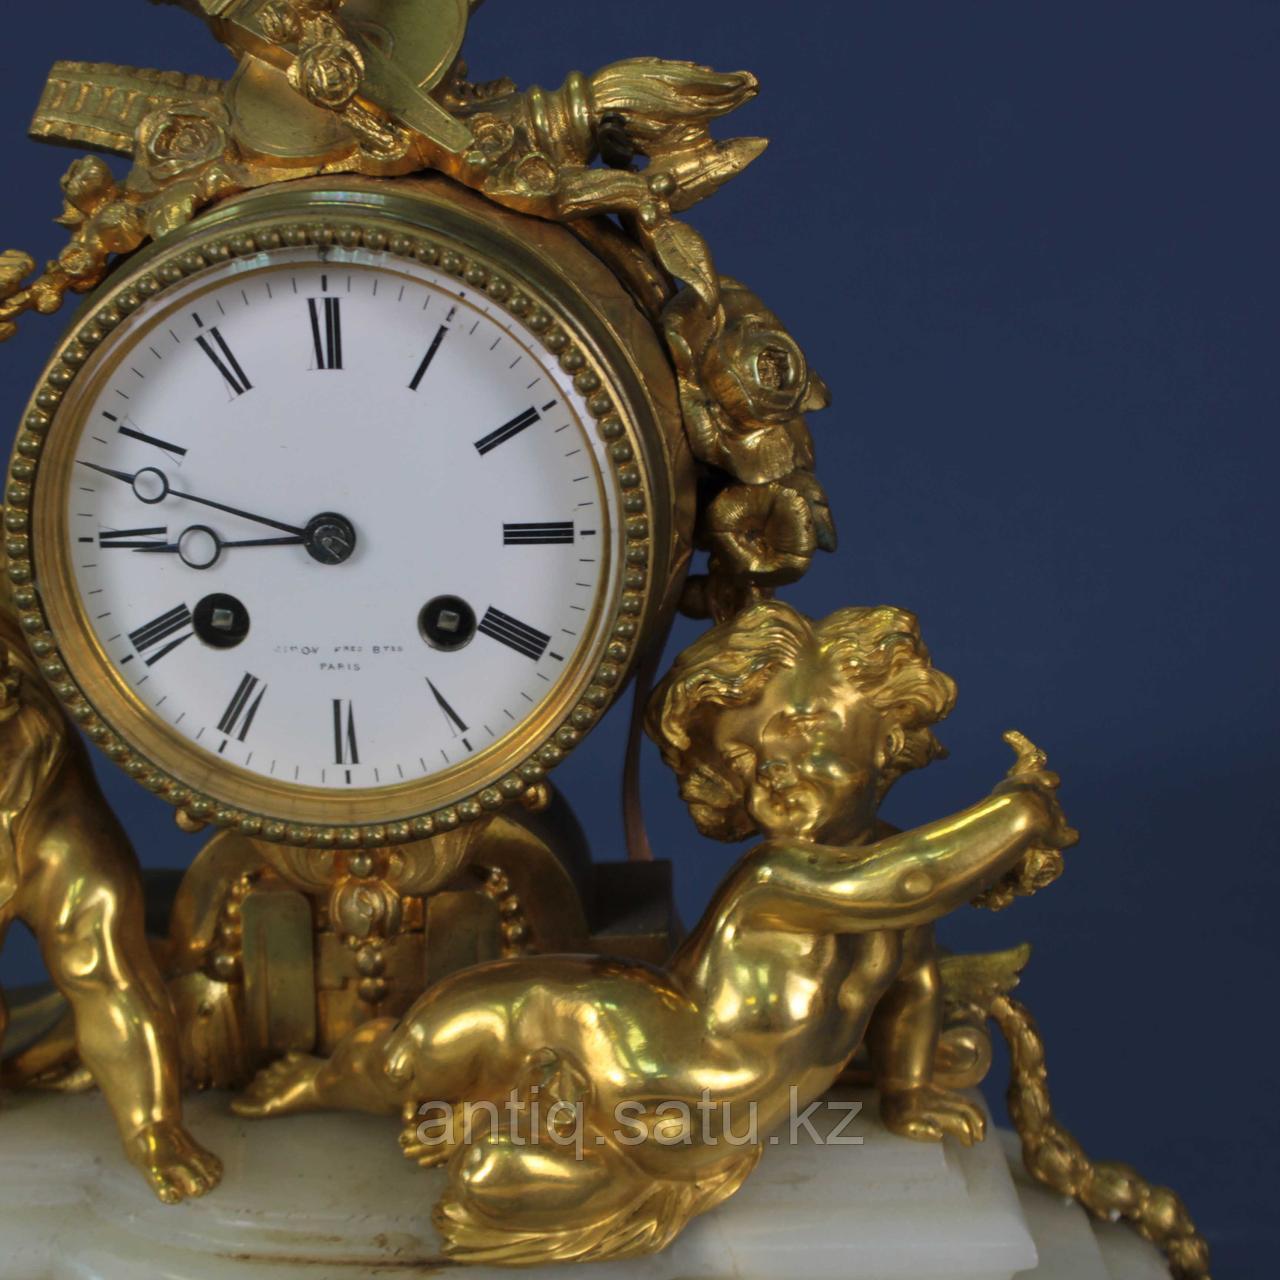 Каминные часы в стиле Людовика XVI. Часовая мастерская Miroy Freres - фото 5